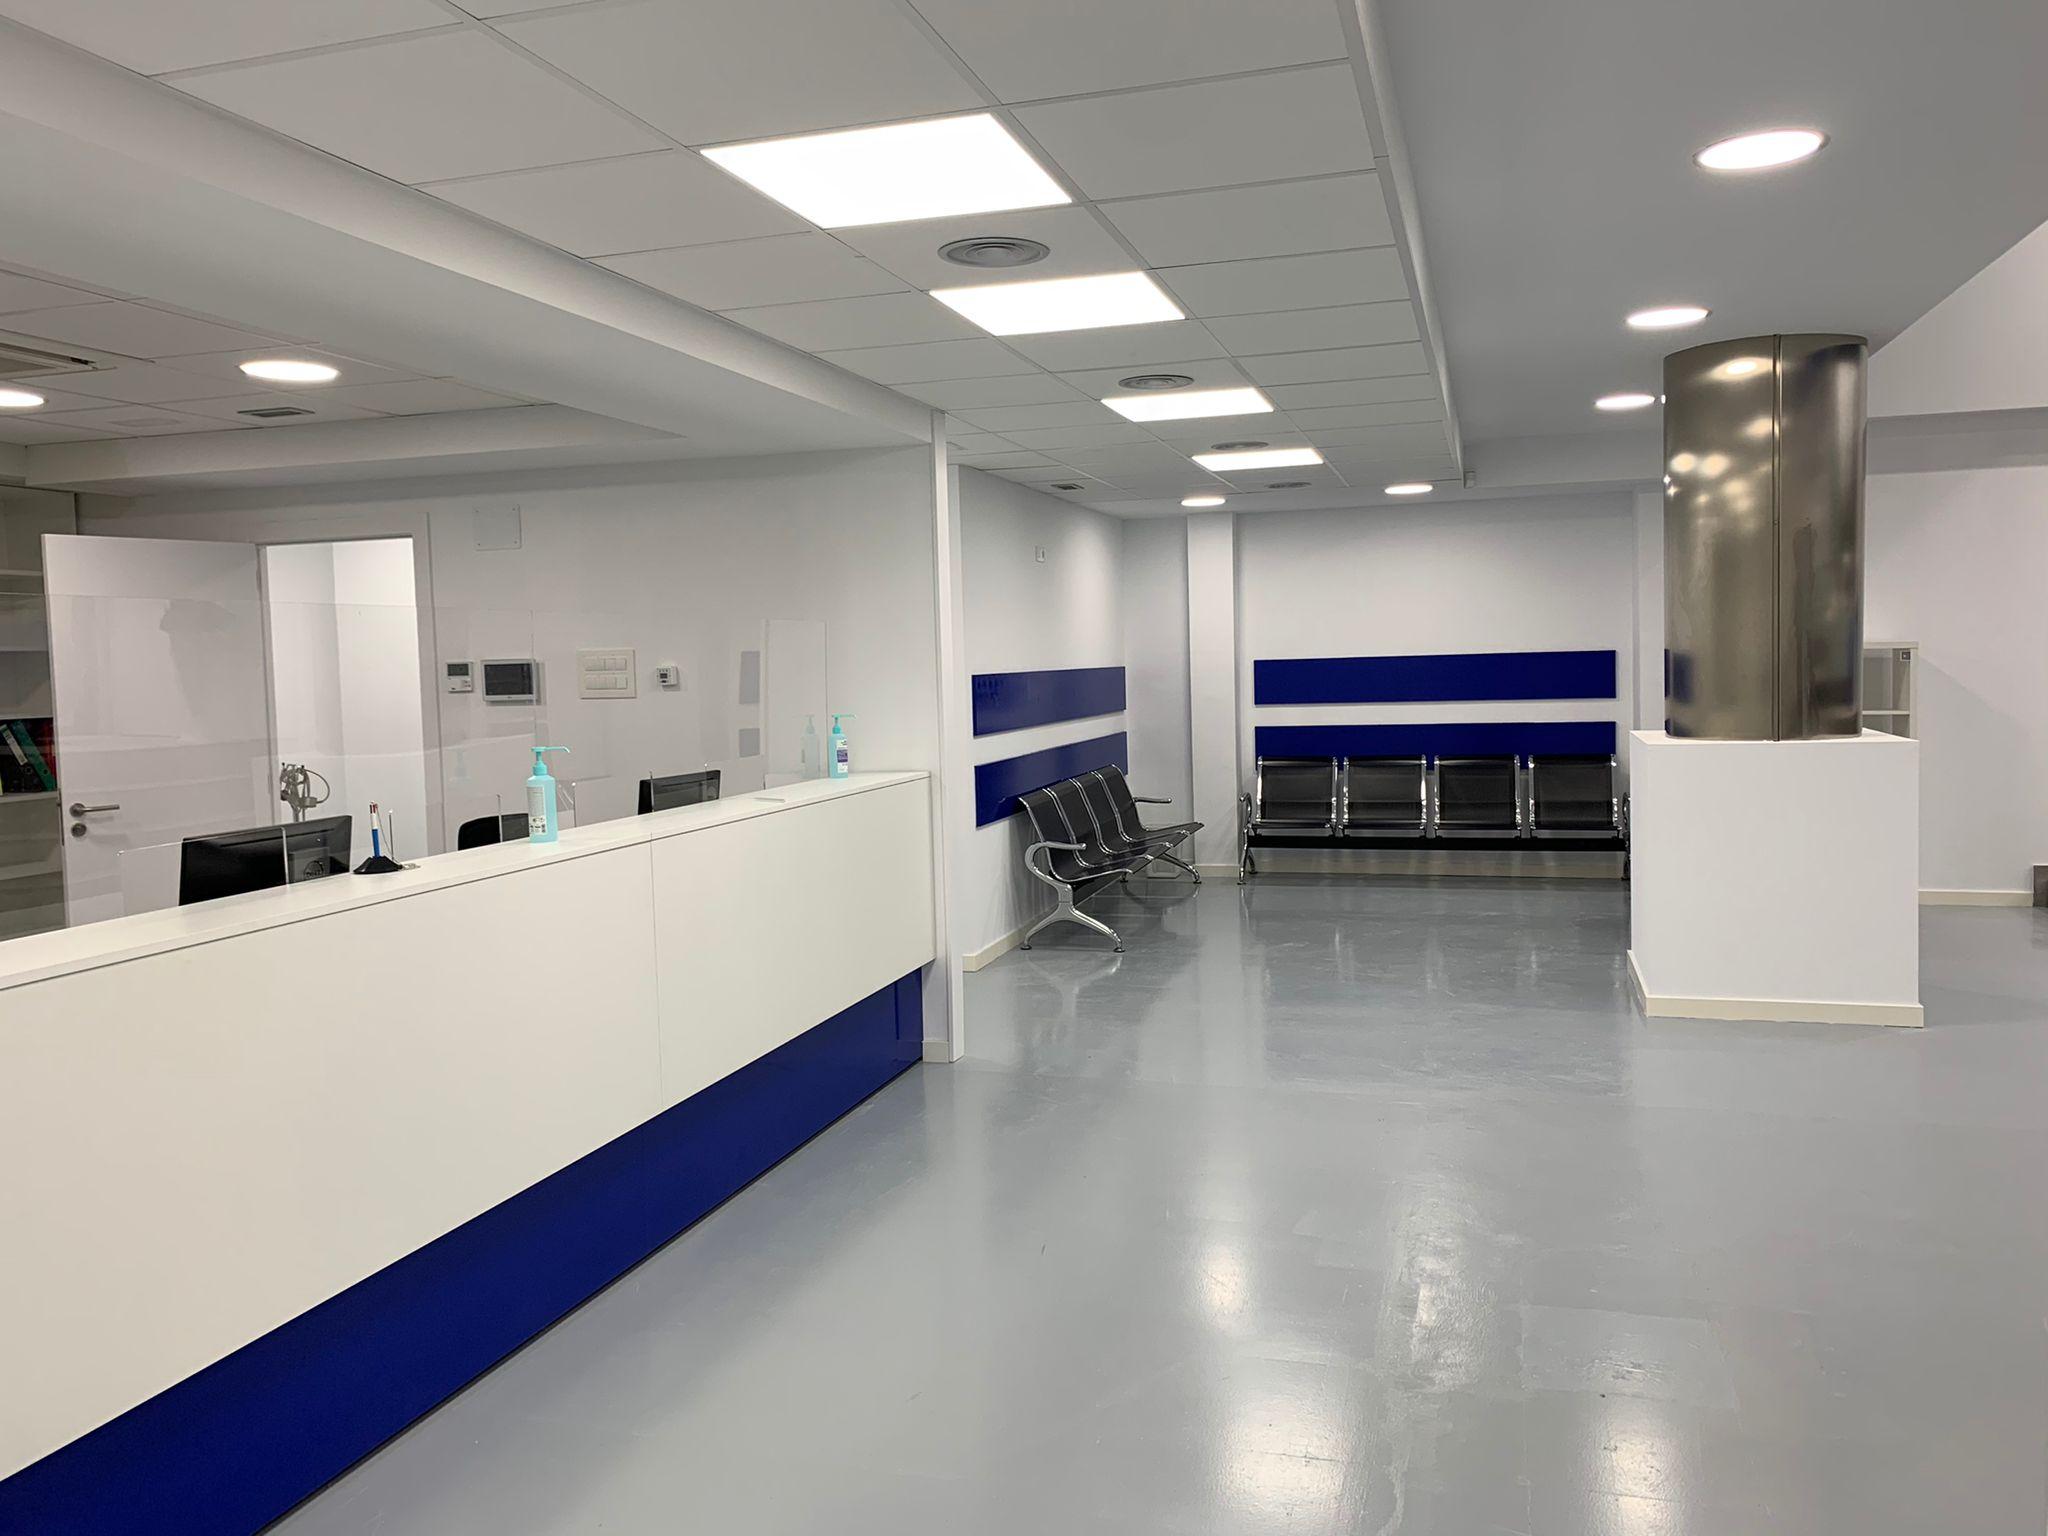 Centro médico Sant Joan Despí recepción 2